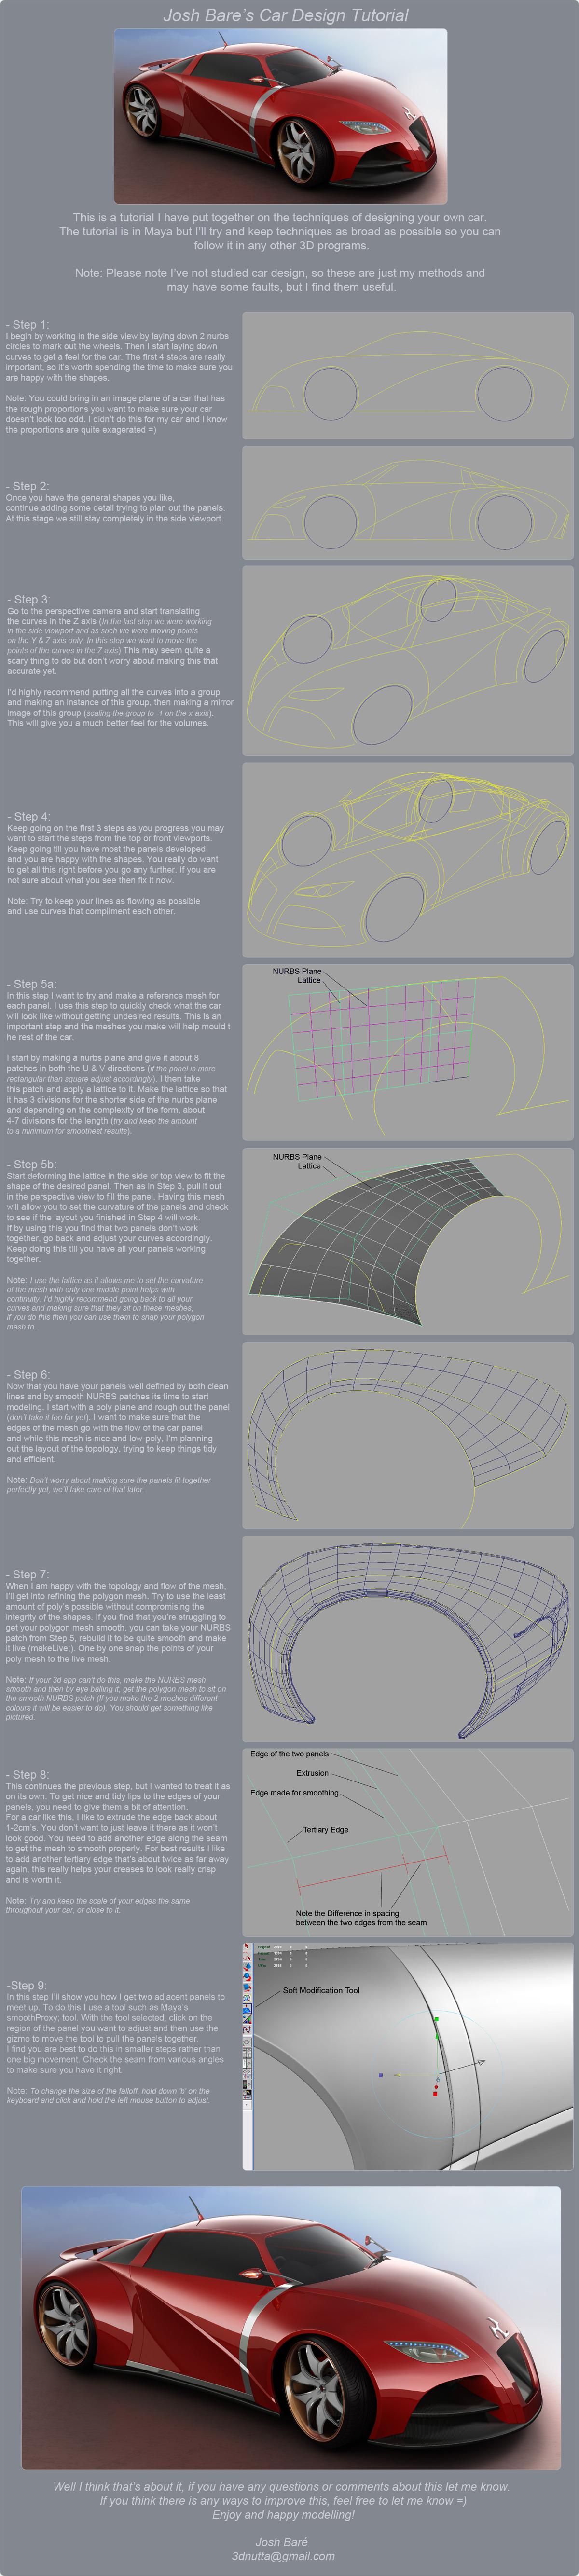 3DnuTTa's Car Design Tutorial by 3DnuTTa